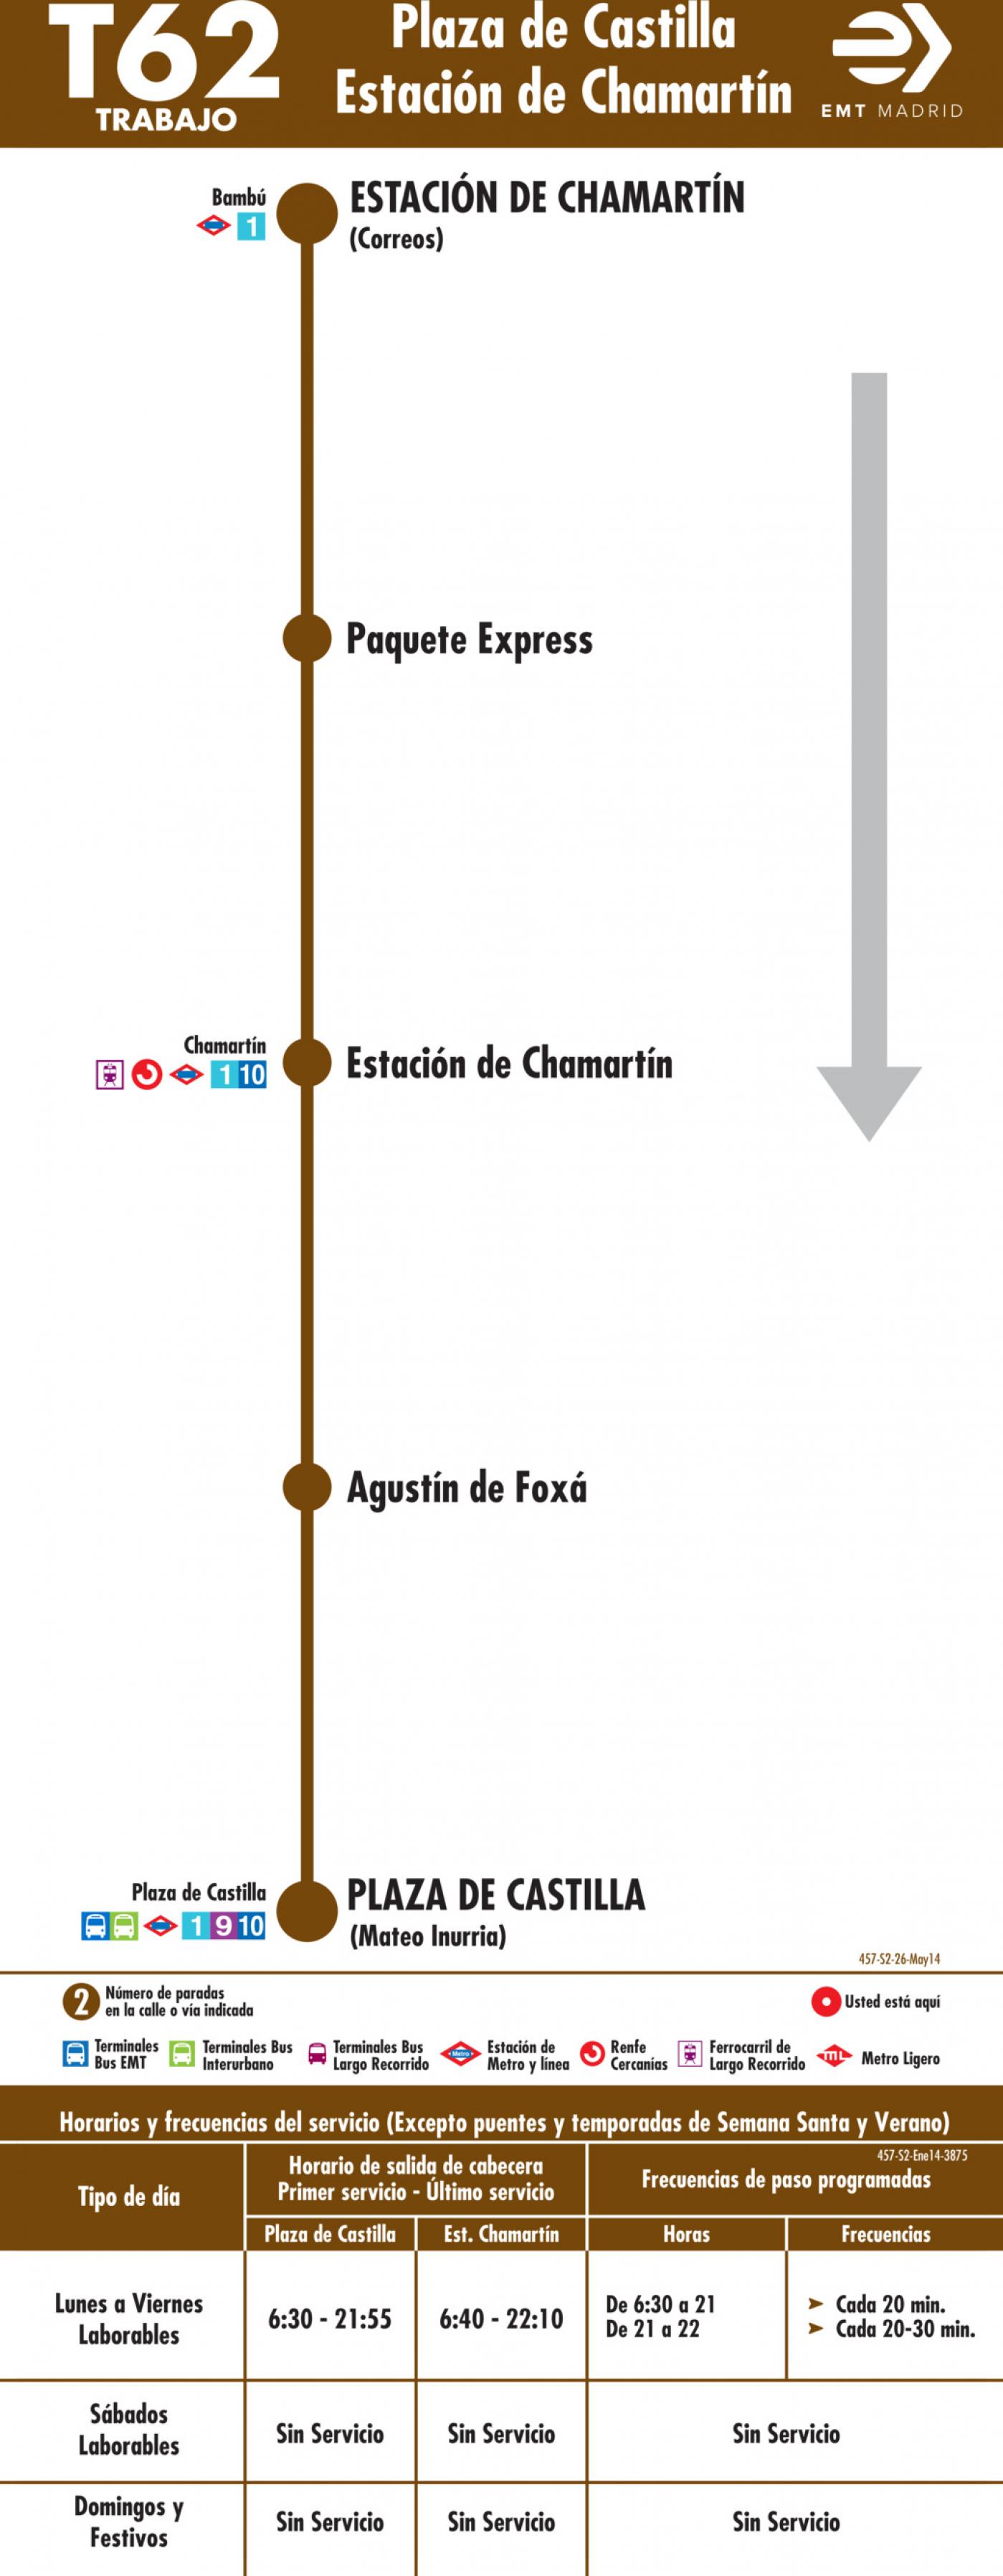 Tabla de horarios y frecuencias de paso en sentido vuelta Línea T62: Plaza de Castilla - Estación de Chamartín